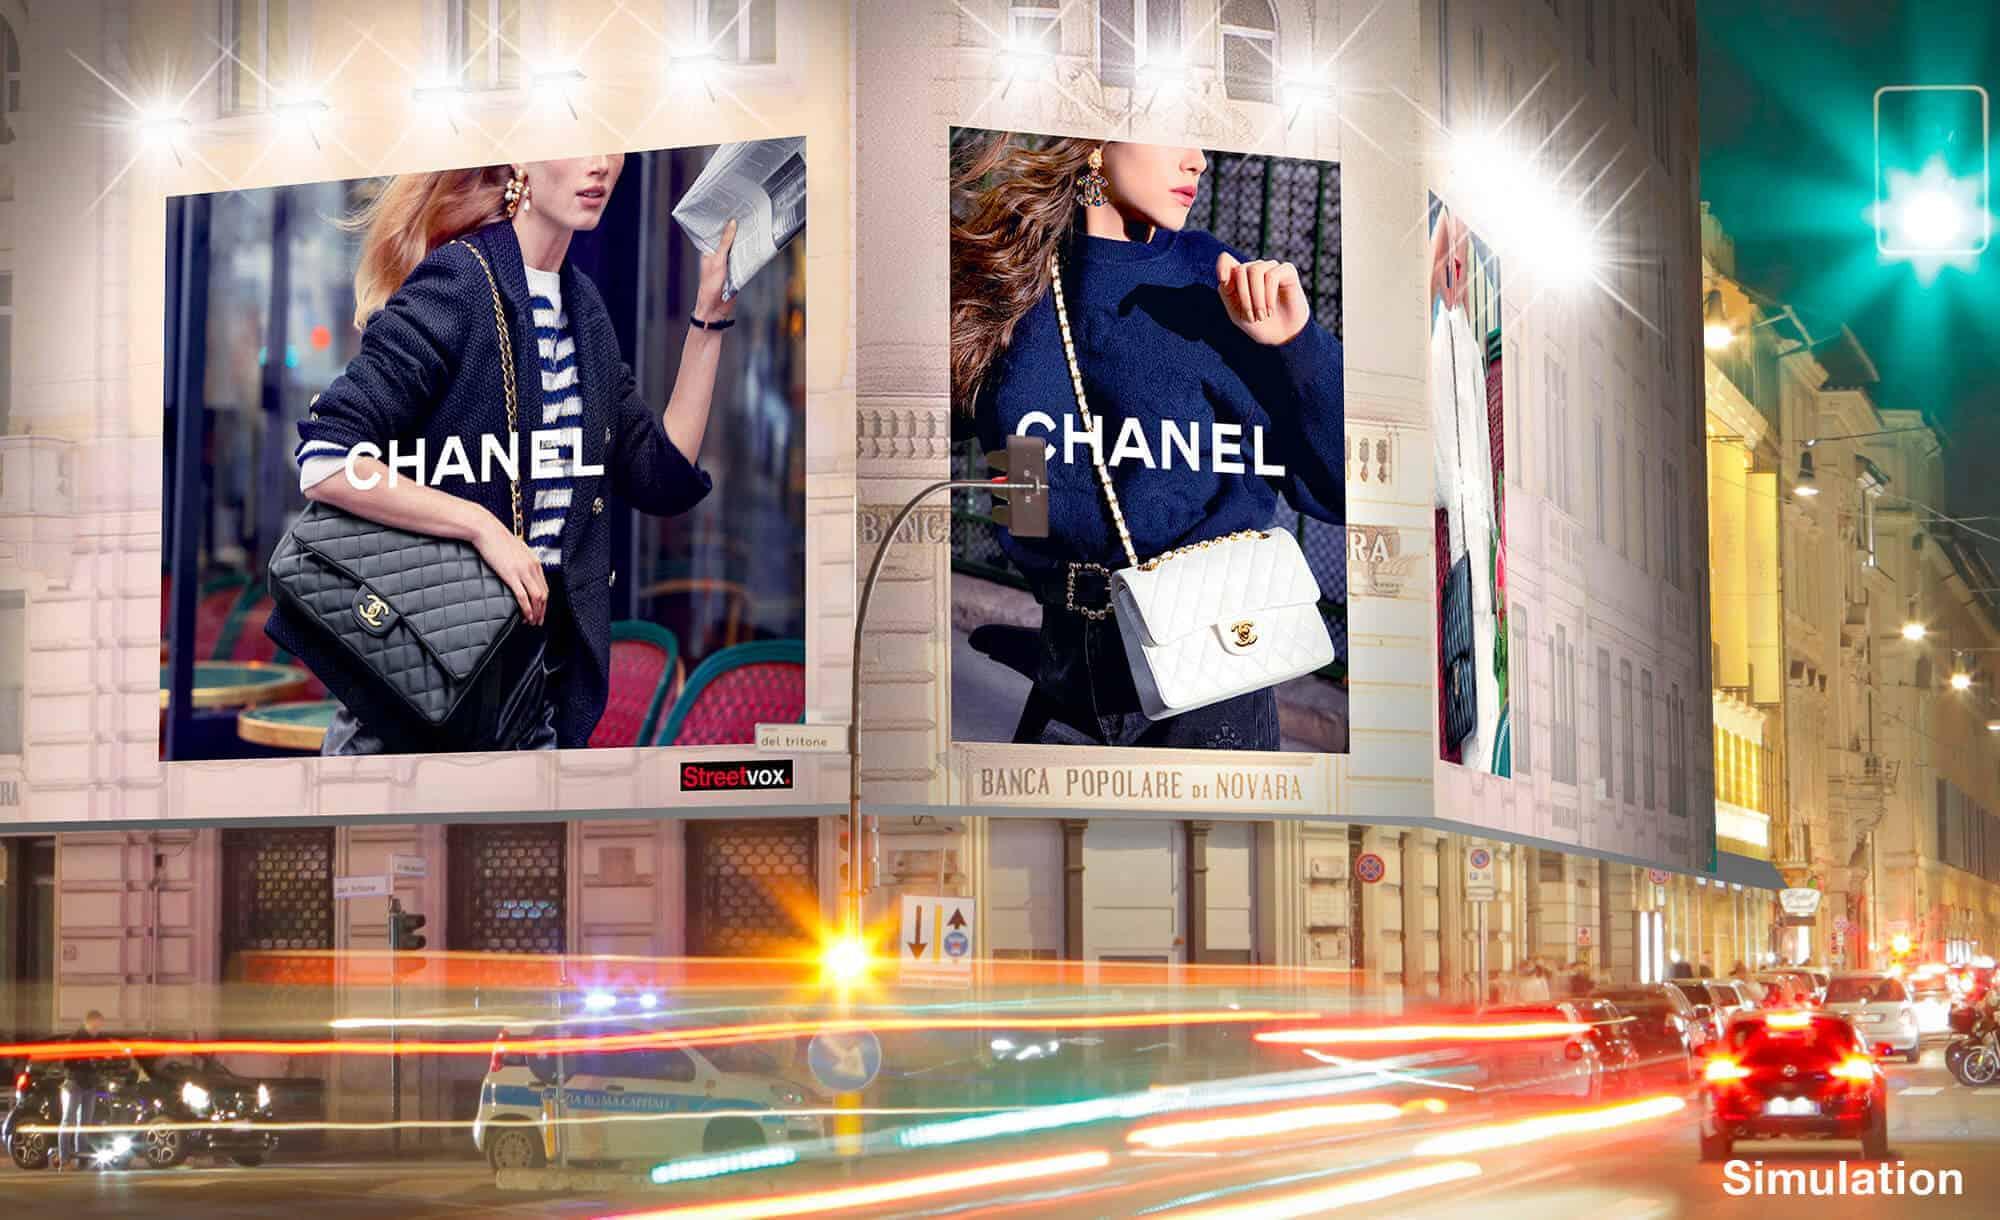 Maxi Affissione a Roma in Via del Tritone 66 con Chanel (Fashion)